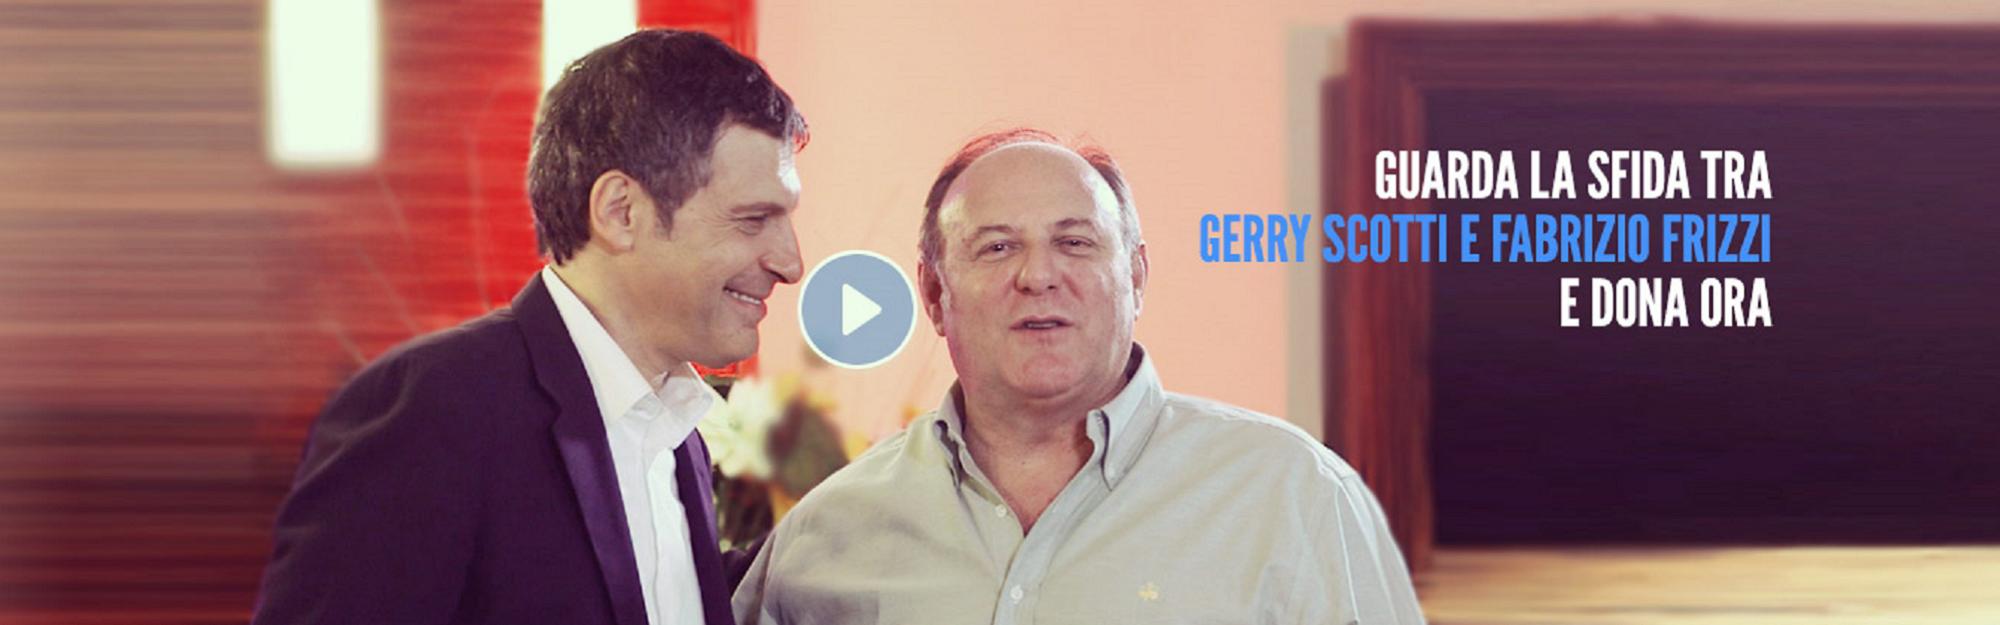 Google Glass e quiz in TV: Gerry Scotti e Fabrizio Frizzi a supporto di #Charityviral